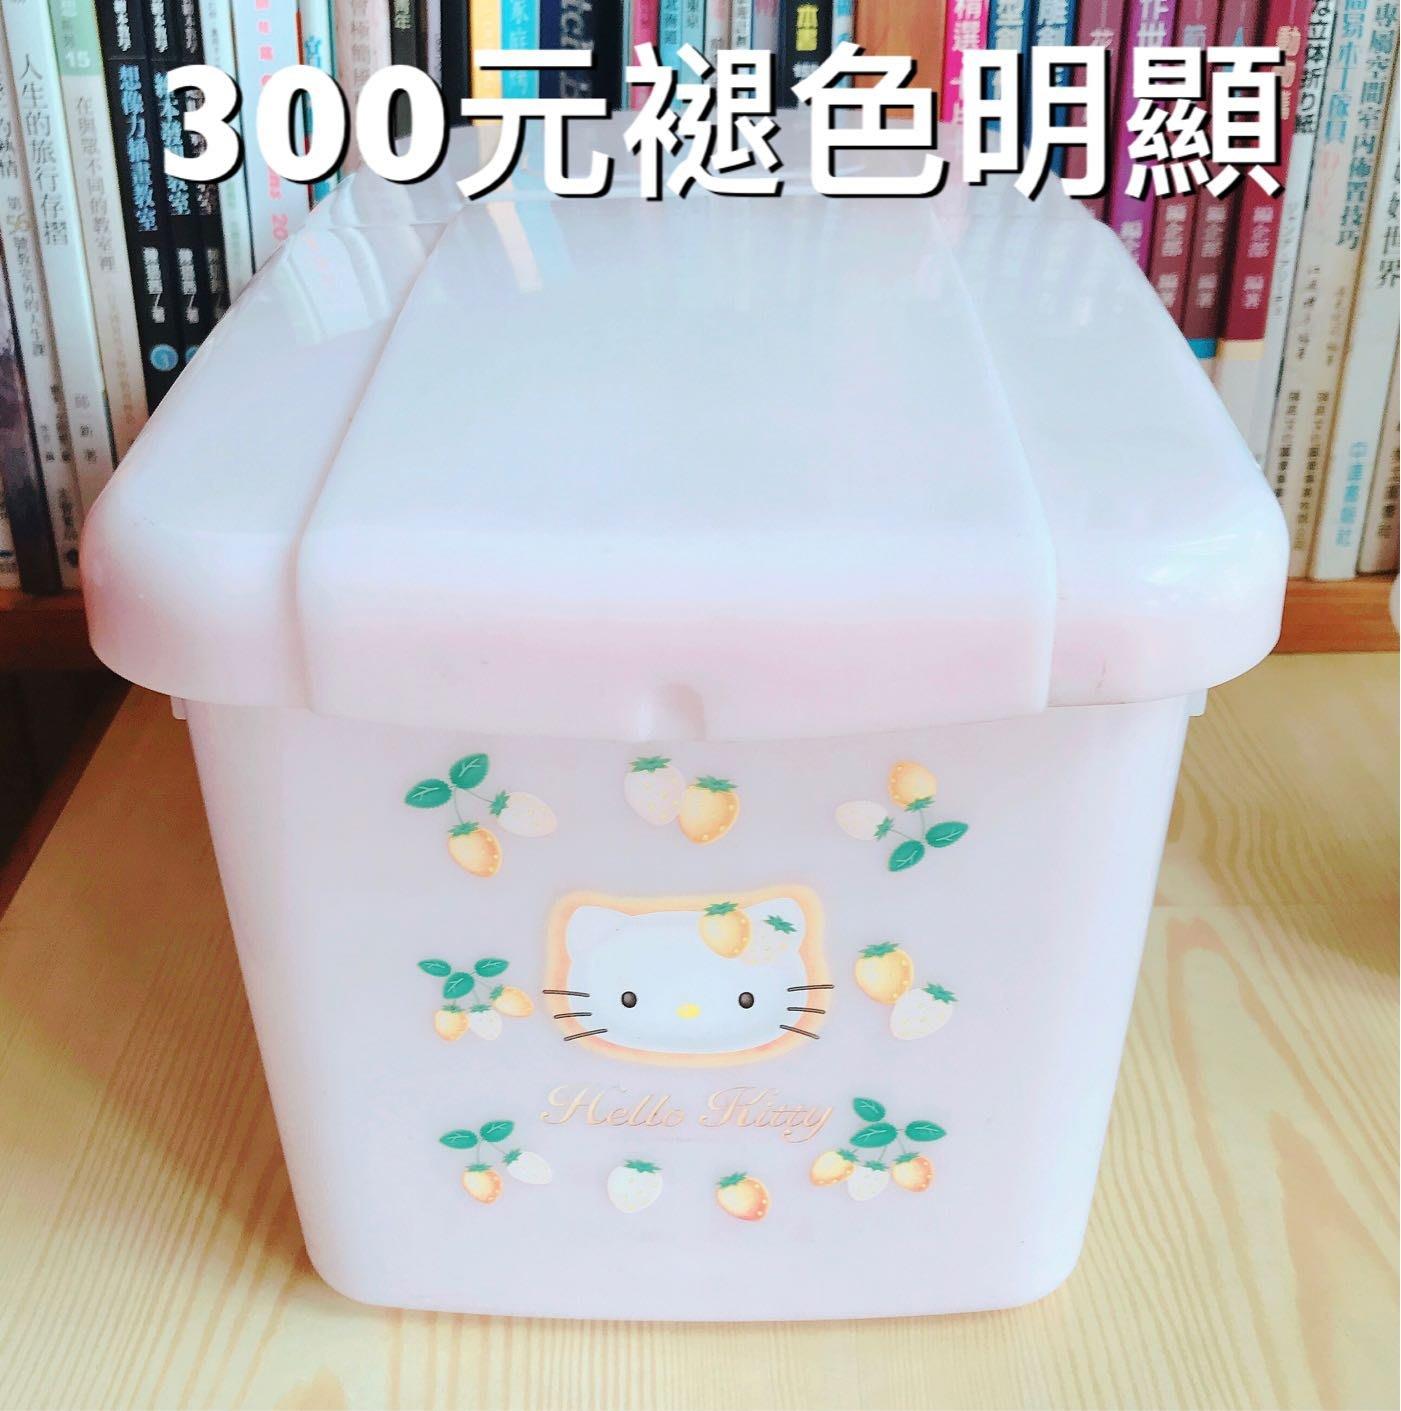 [清衣架]Hello Kitty 1999早期草莓系列附輪米桶 二手 有使用痕跡完美主義者請勿下標 賣場另有其他同系列商品